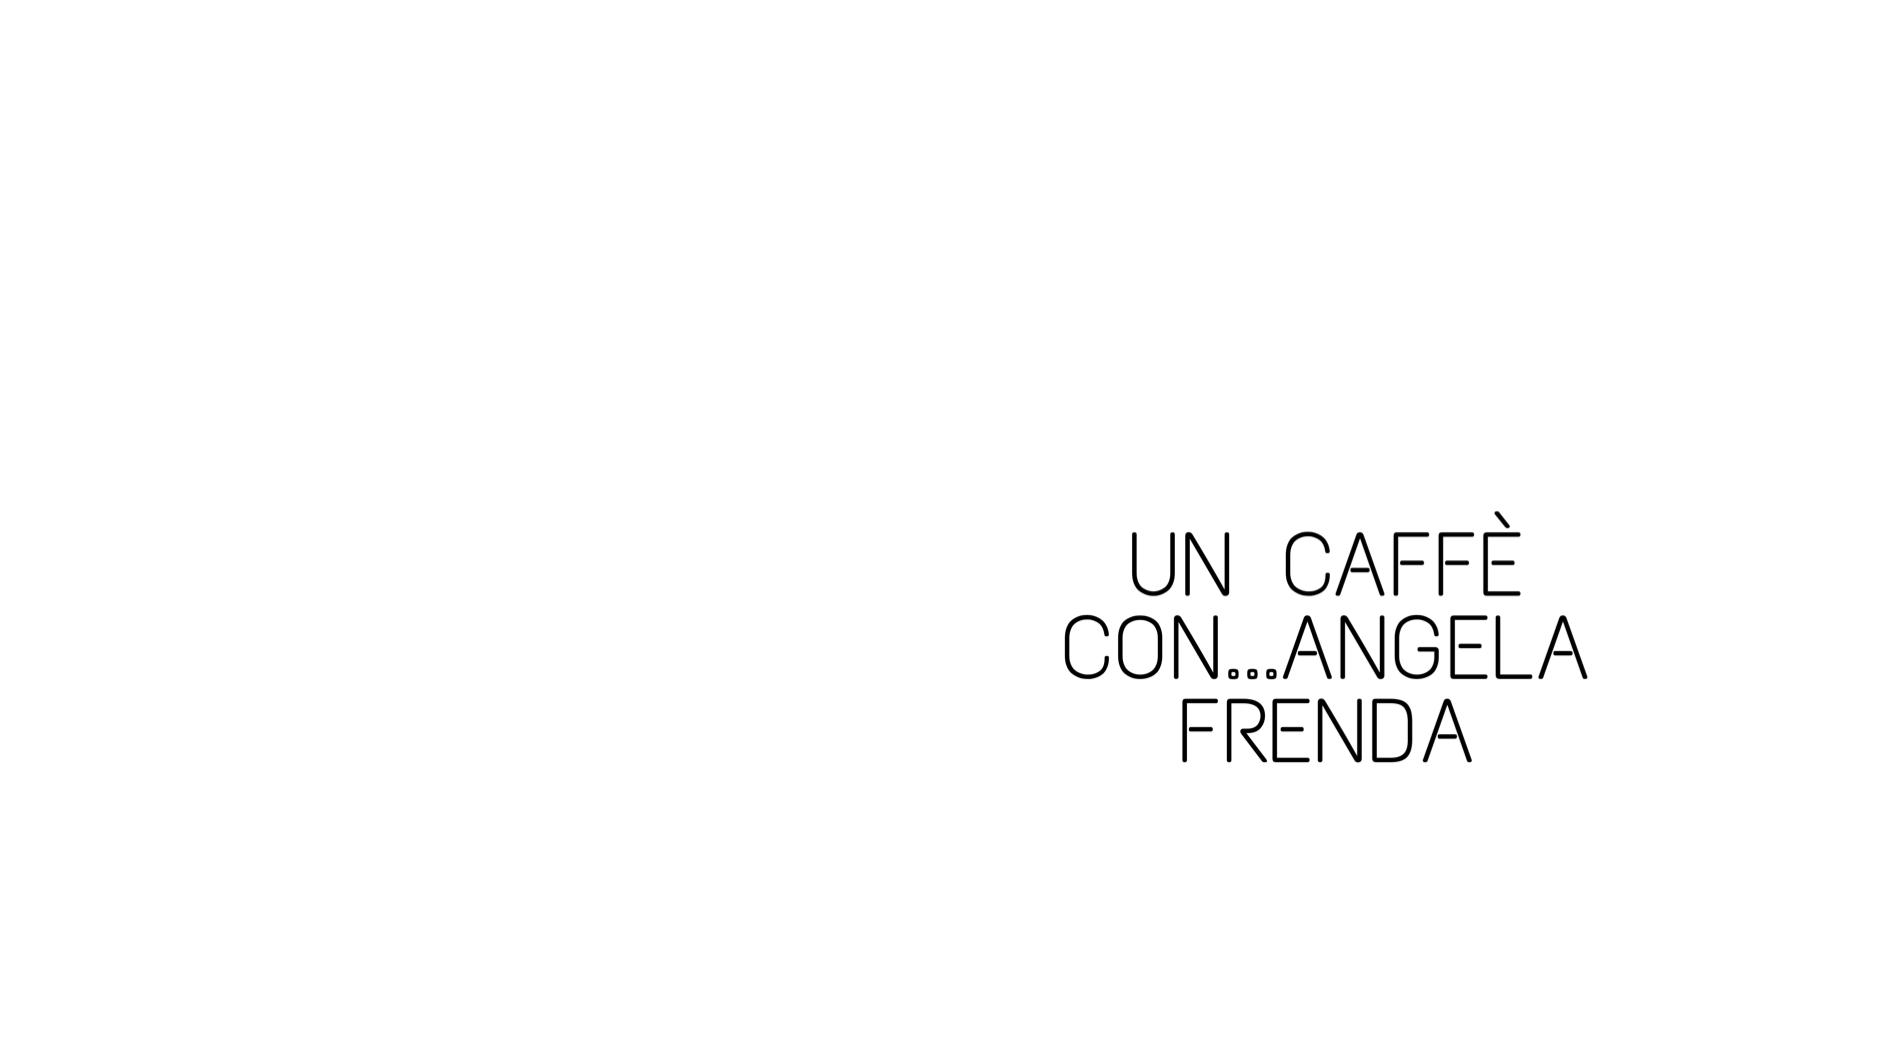 cropped un caffè con...frenda